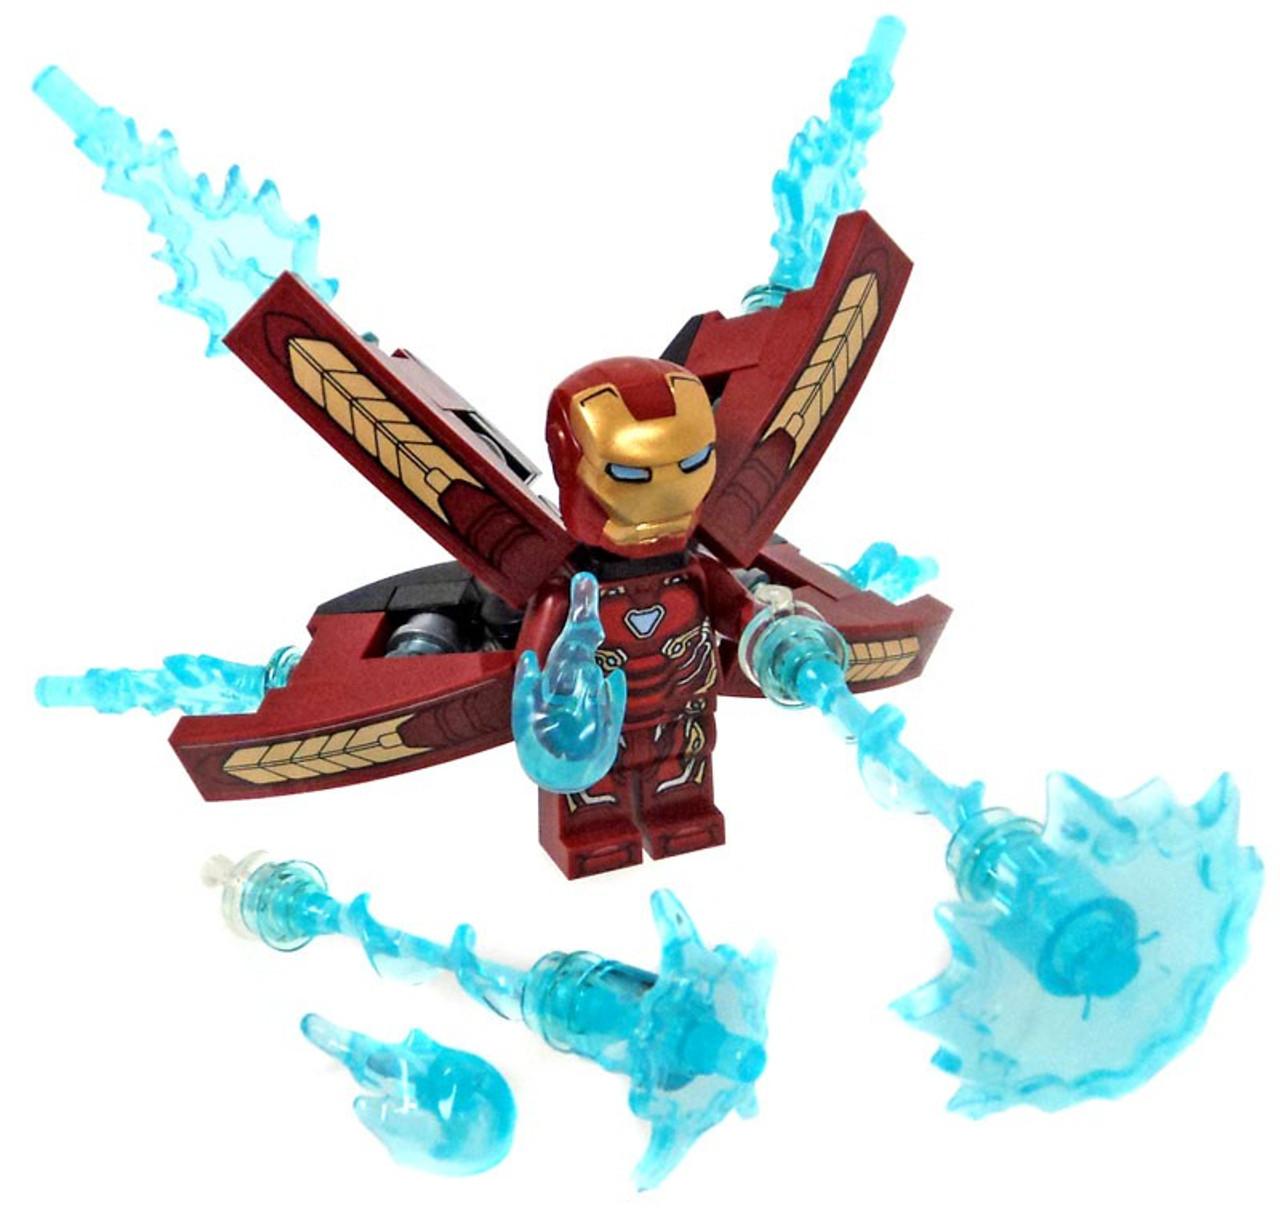 Tony Stark Marvel Superhero Mini Action Figure Avengers Infinity War Iron Man